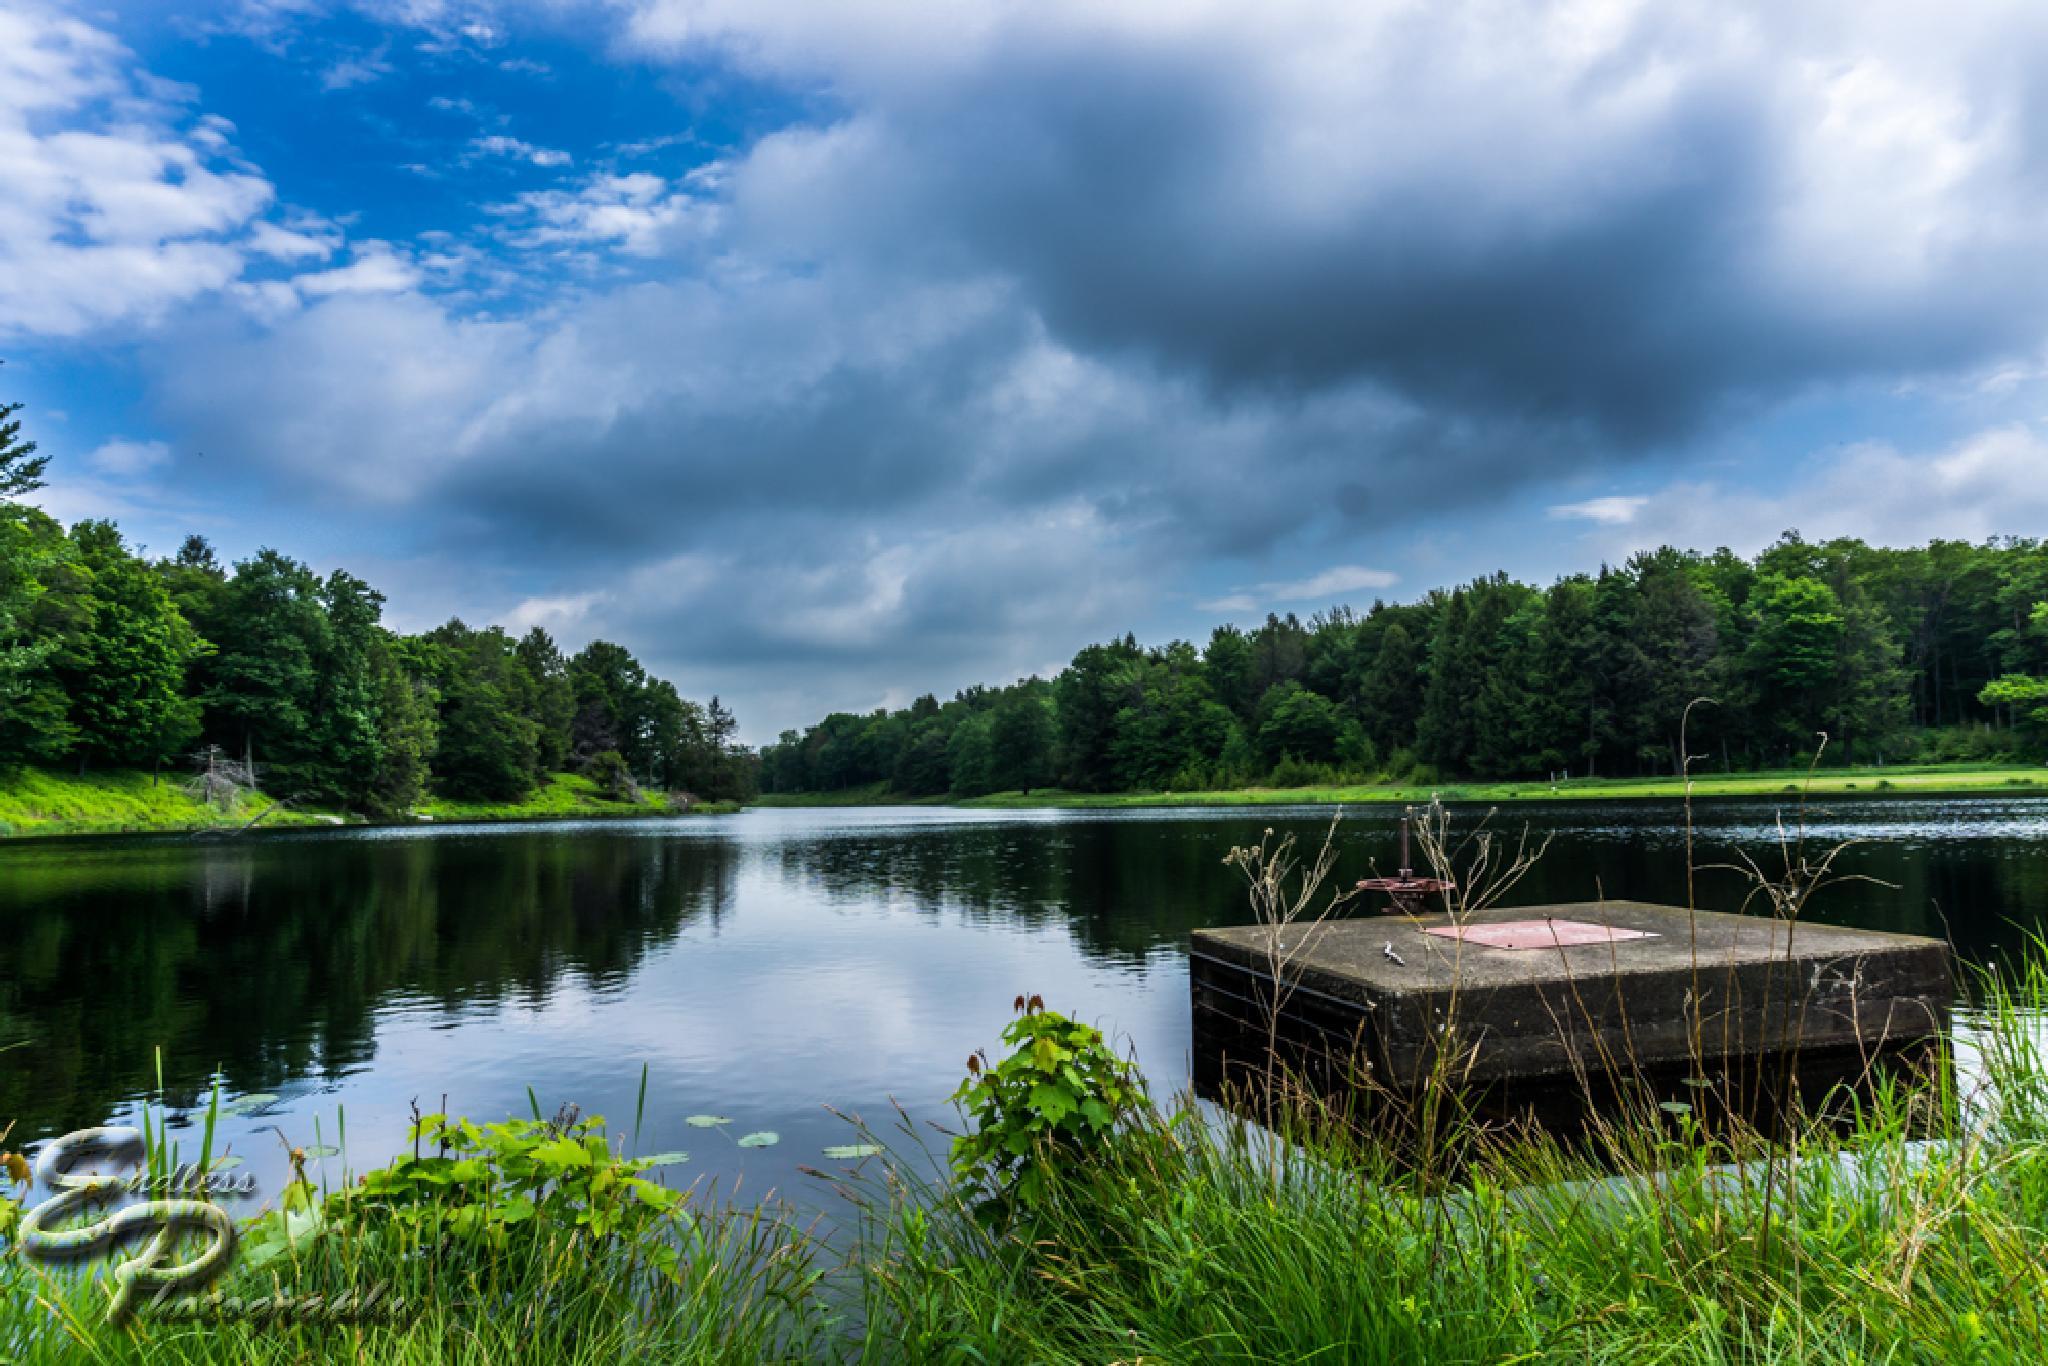 Sky View Lake PA by Antonio Ansioso